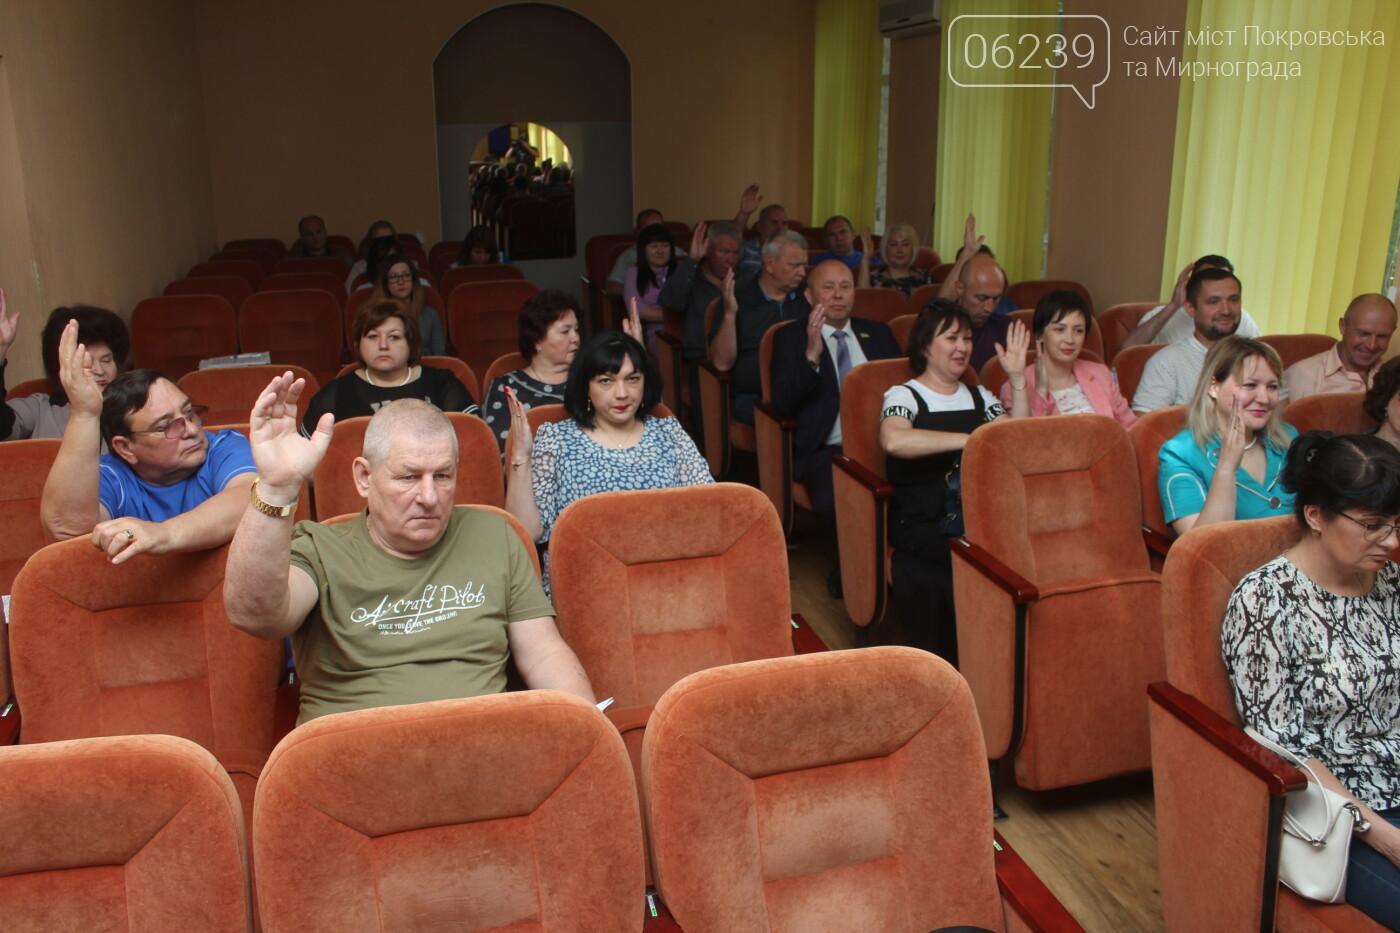 Туристический сбор и ликвидация шахты: в Мирнограде состоялась 60-я сессия горсовета, фото-2